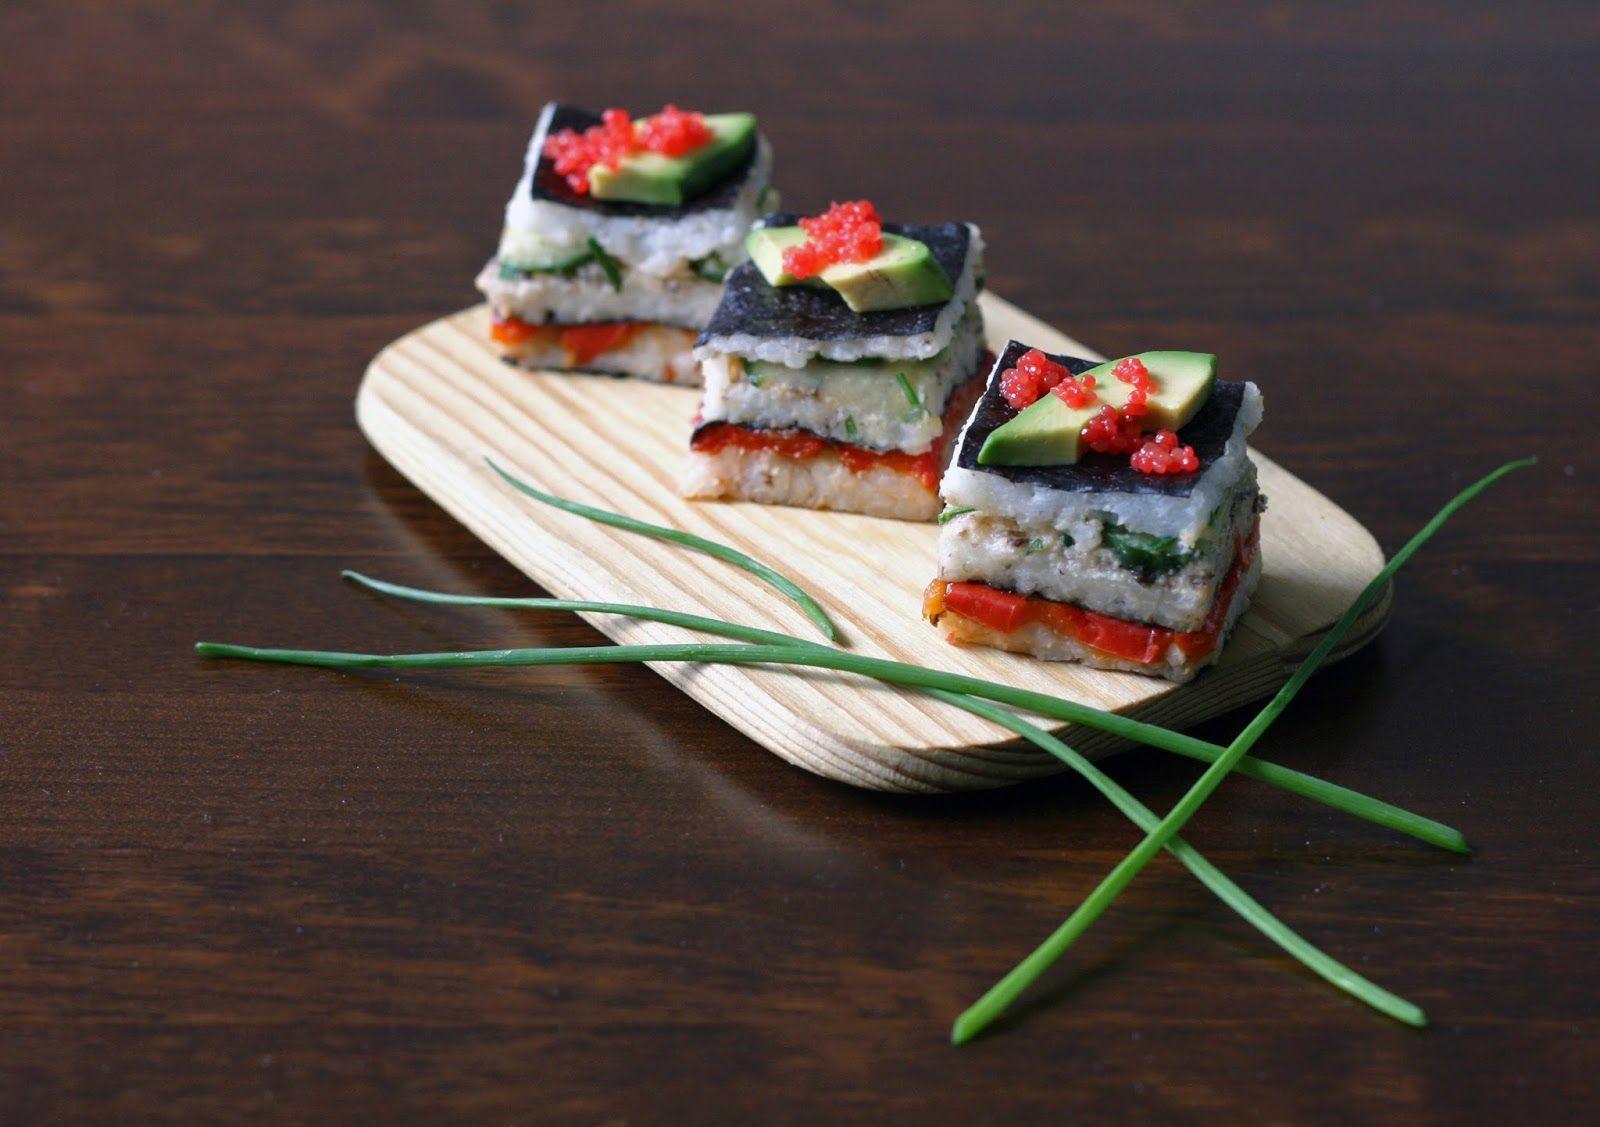 Tykkään kaikenlaisesta turhanaikaisesta pikkunäpertelystä, joten sushin tekeminen on minusta kivaa. Makien pyörittely ja nigirien muoto...